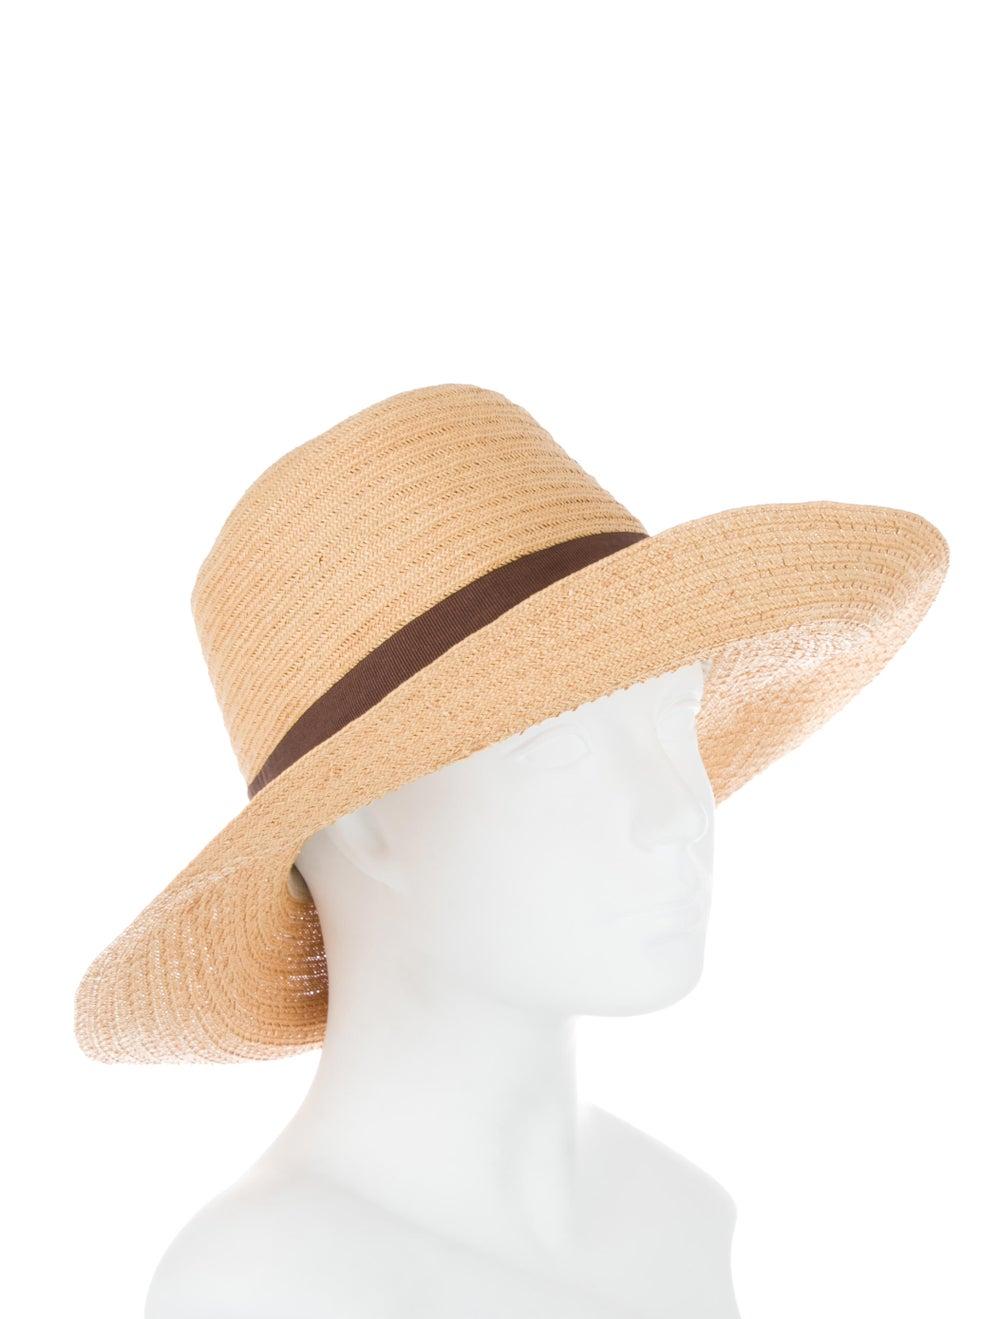 Reinhard Plank Straw Wide Brim Hat Tan - image 3